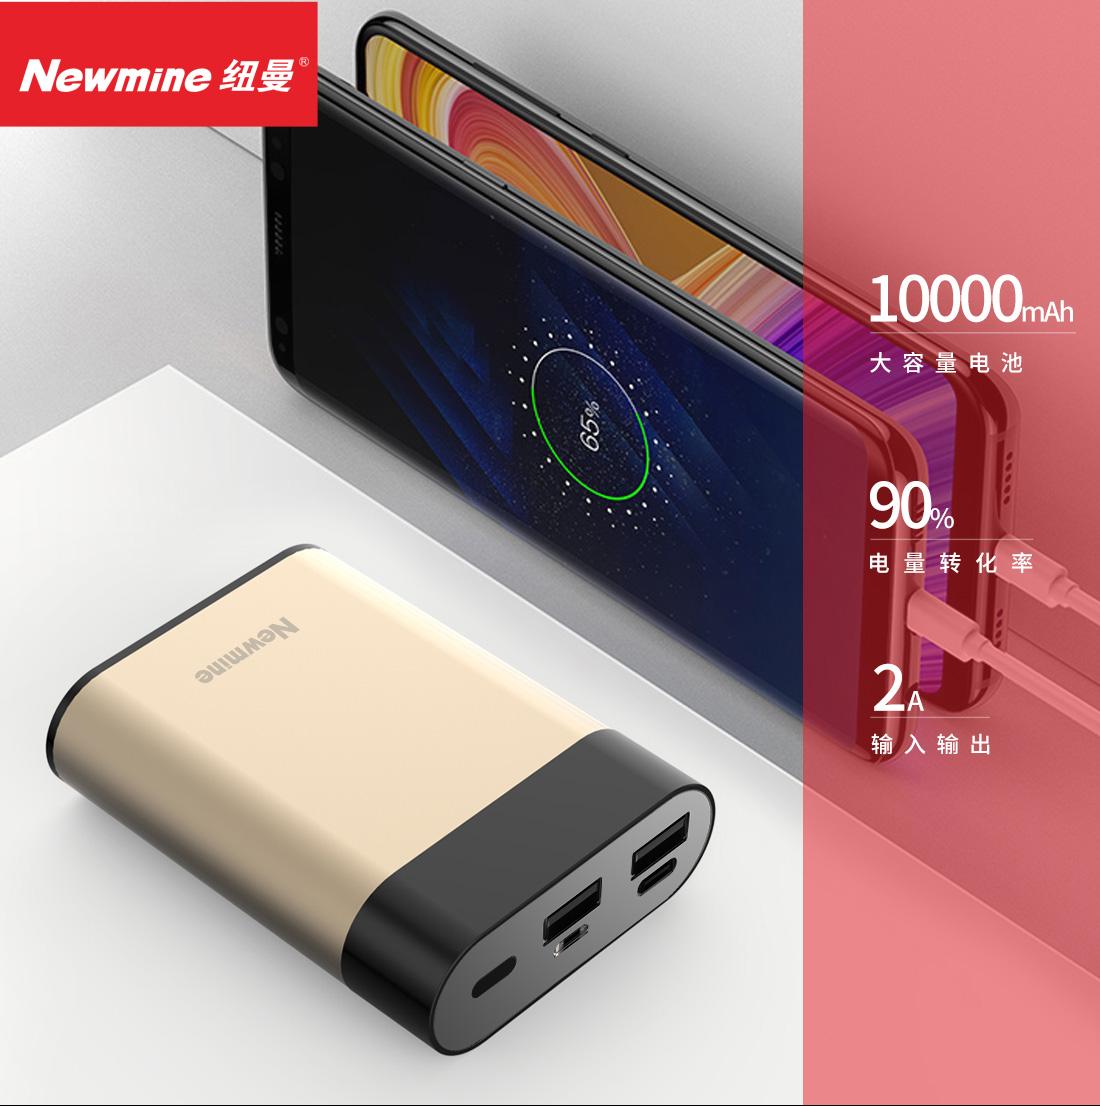 N103 10000mAh迷你金属移动电源